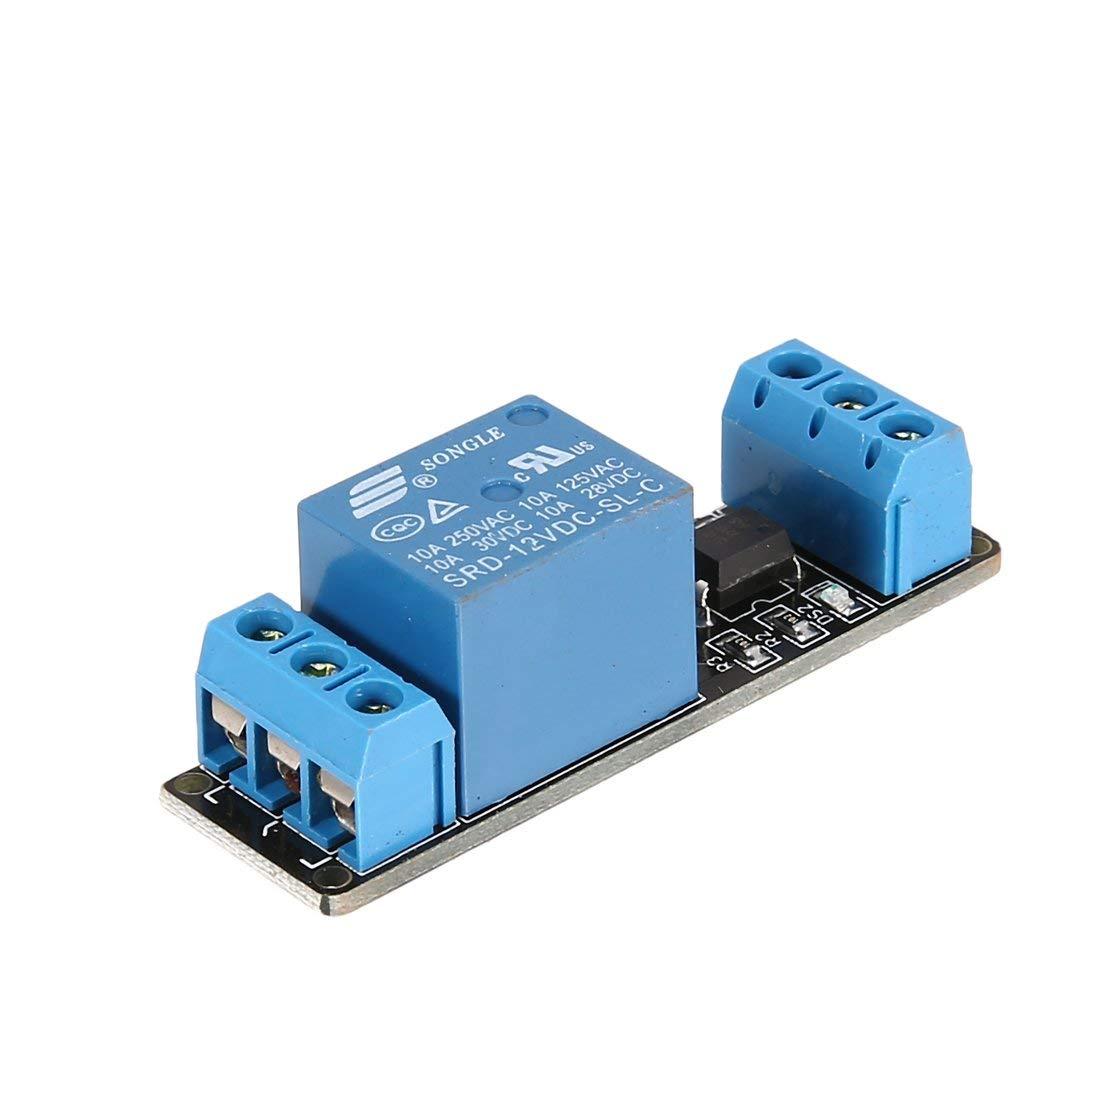 12 V 1 canal módulo de relé de la placa de interfaz optoacoplador de disparo de bajo nivel para Arduino SCM PLC Smart Home interruptor de control remoto Laurelmartina